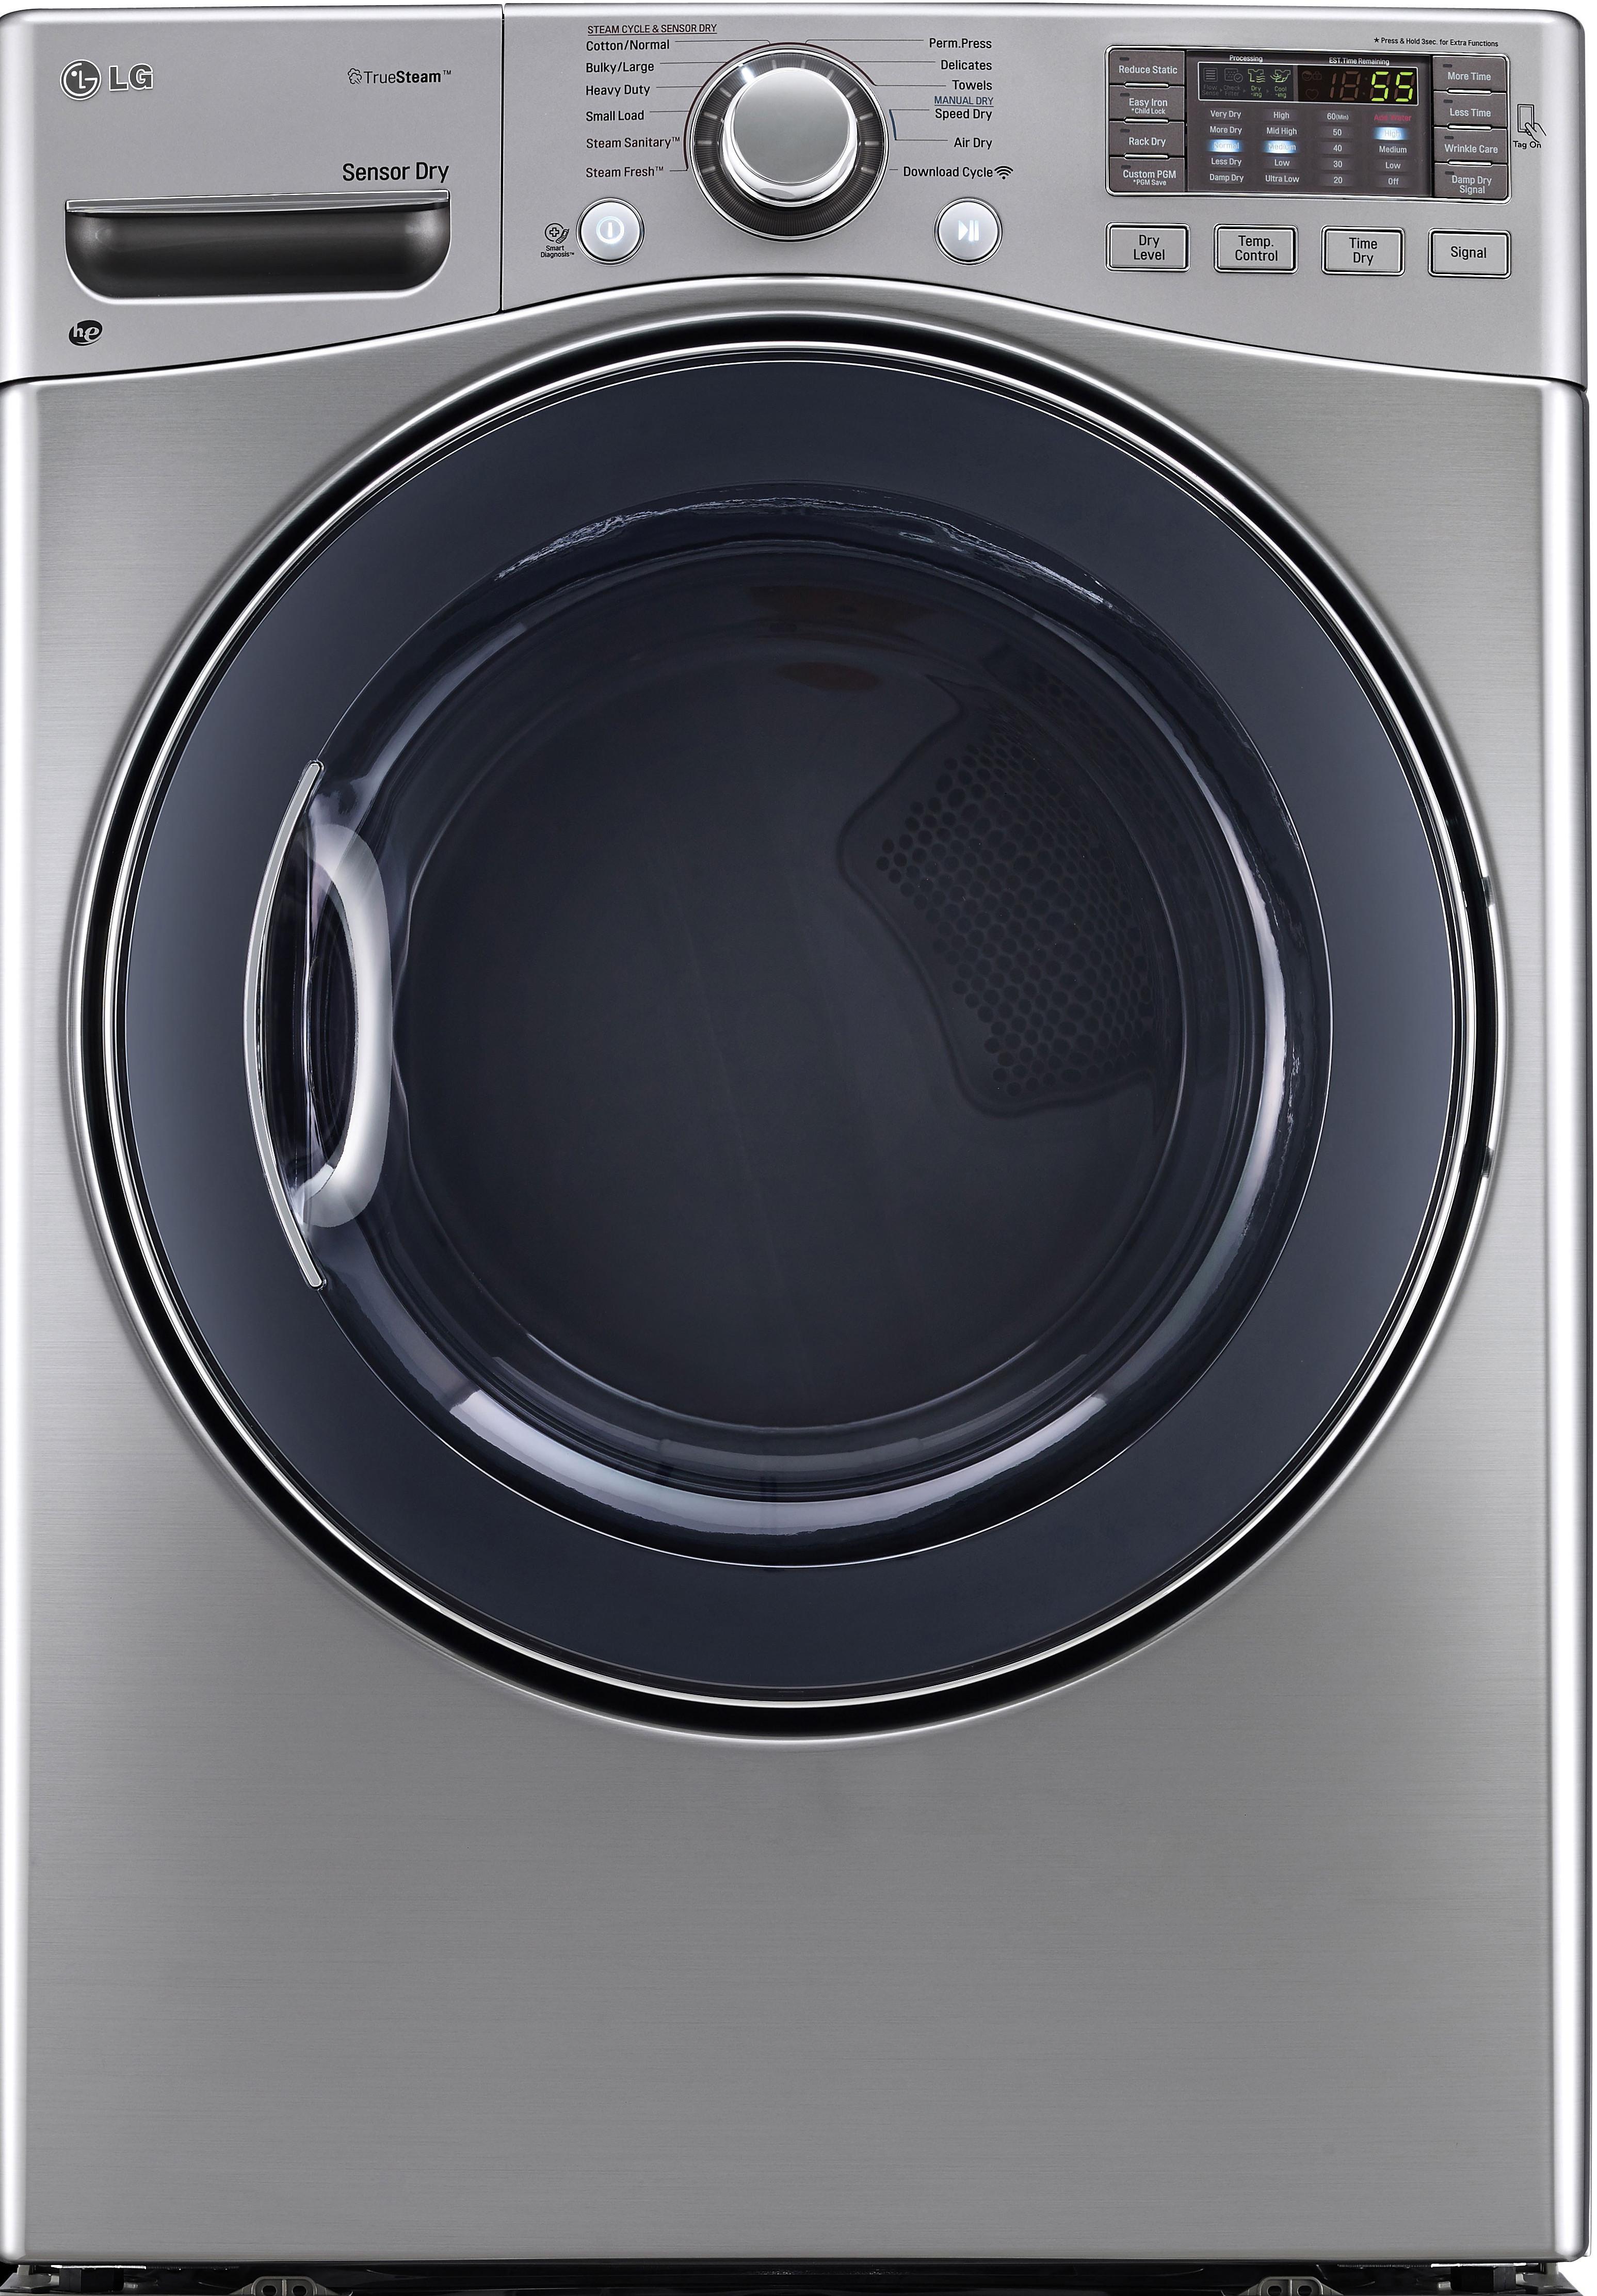 LG SteamDryer Series DLEX3570V